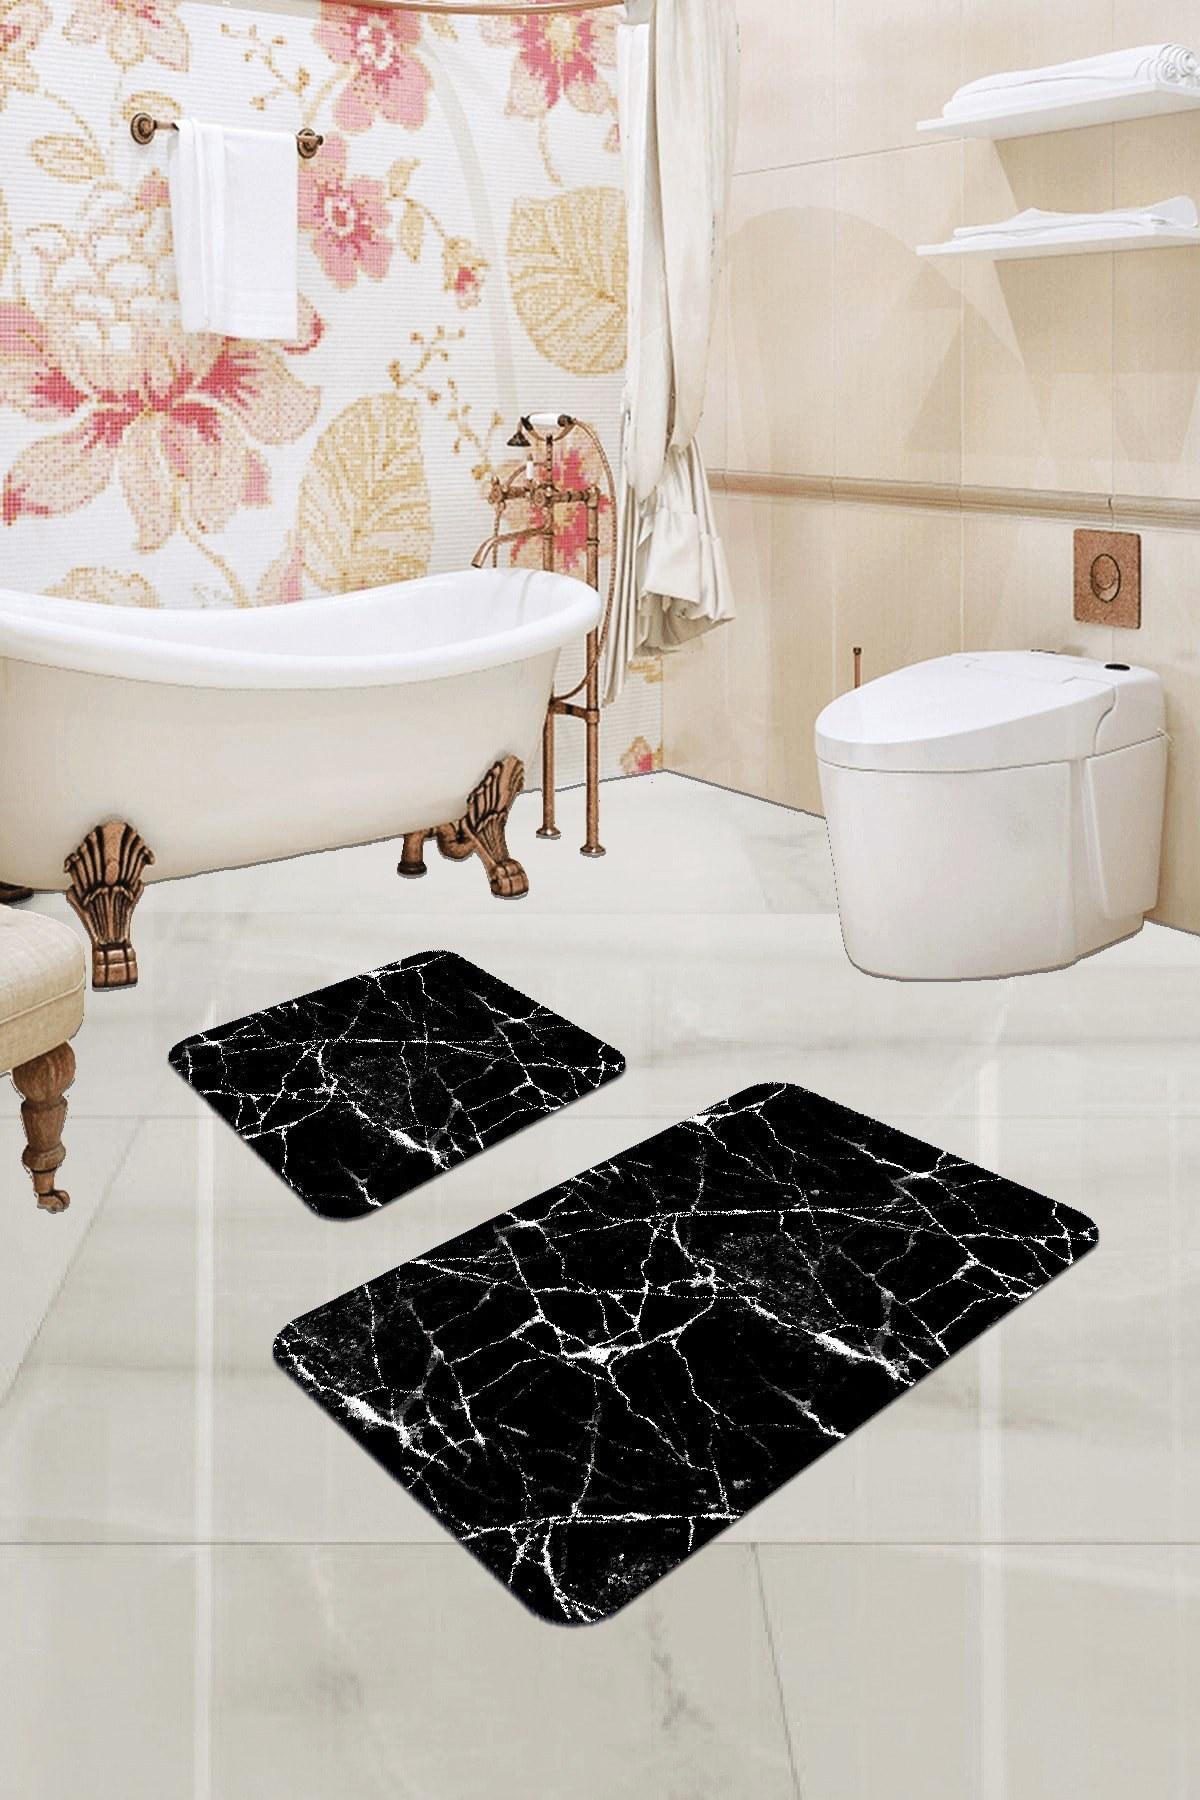 تصویر ست زیرپایی حمام فرش دیجیتالی برند RugViva کد 1624370169